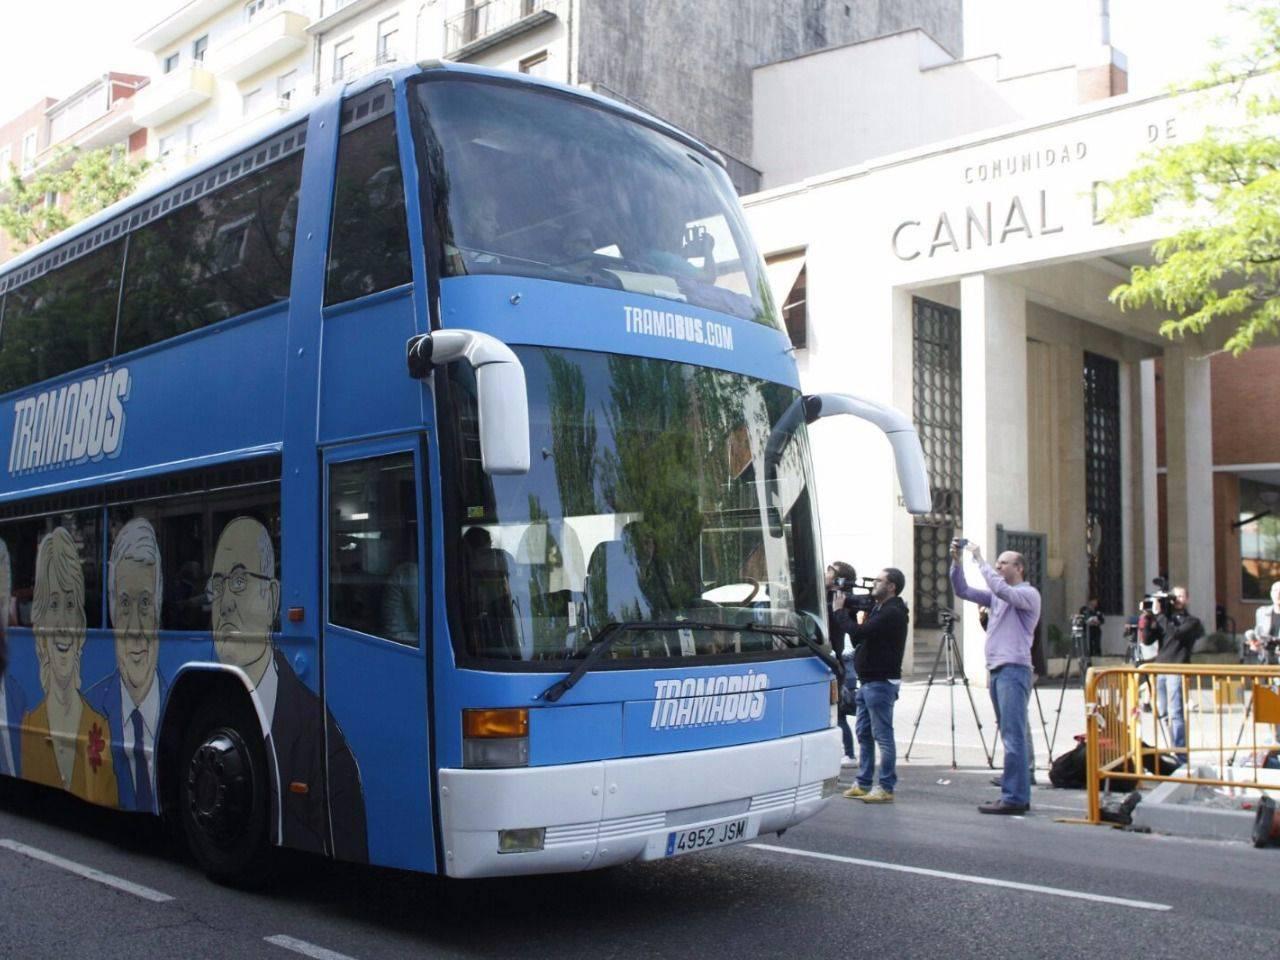 El 39 tramab s 39 cambia su ruta y visita la sede del canal de for Oficinas canal isabel ii madrid